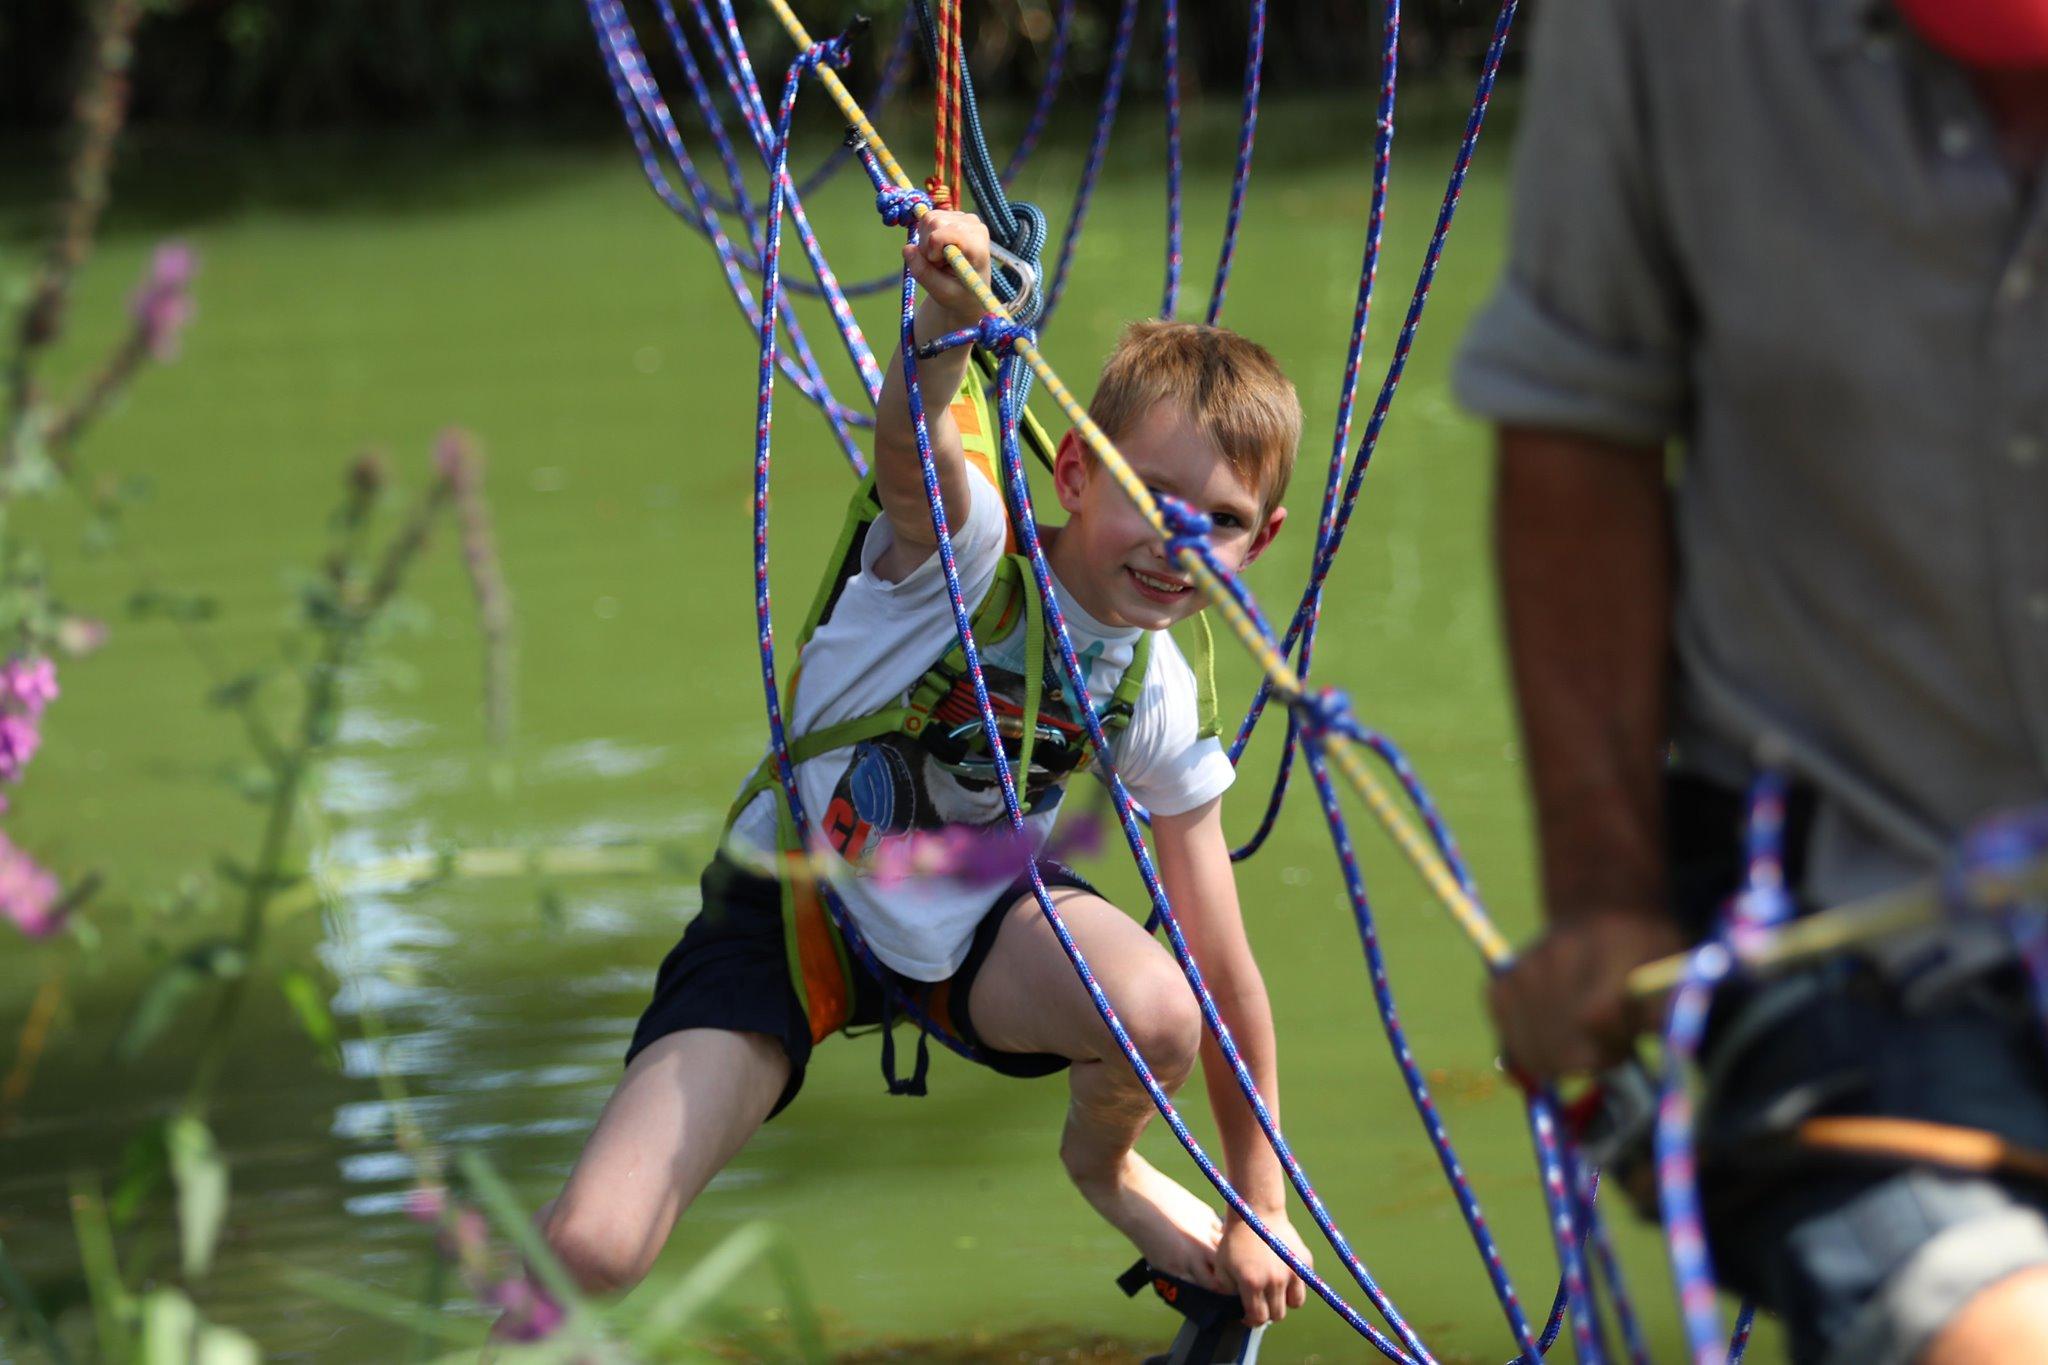 Ein Kind turnt bei einem erlebnispädagogischen Angebot in den Seilen